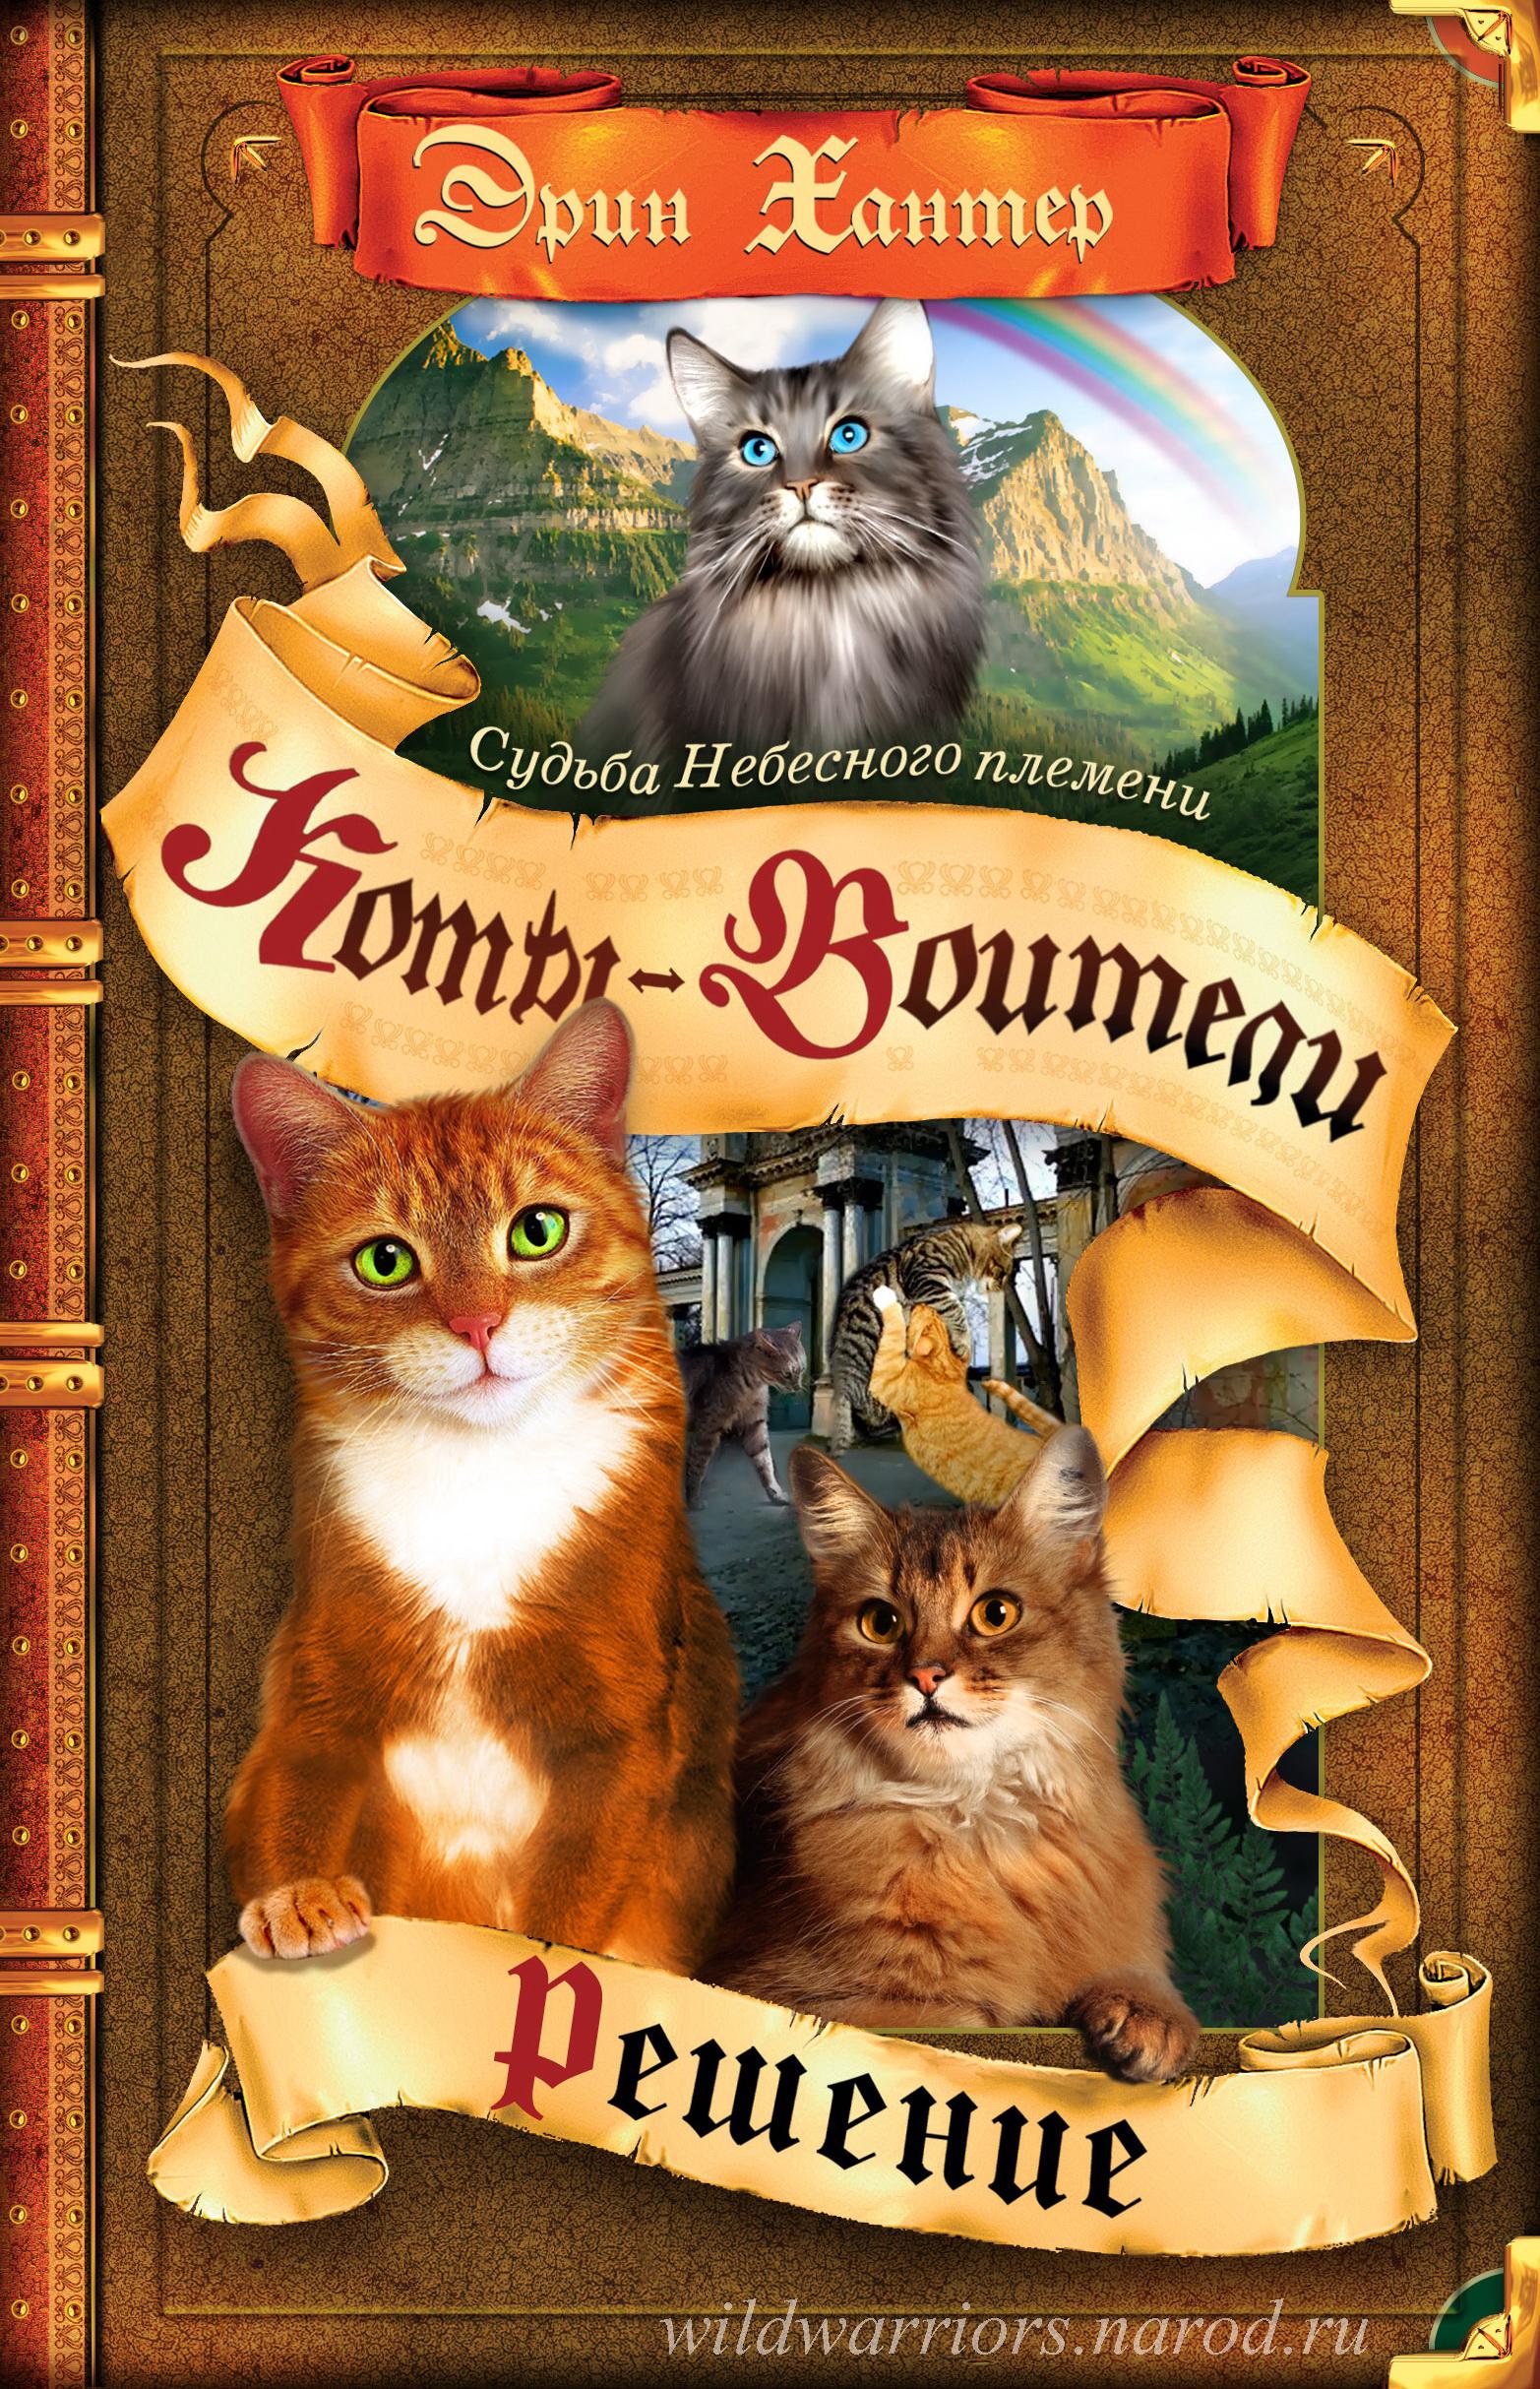 Коты воители скачать на электронную книгу бесплатно